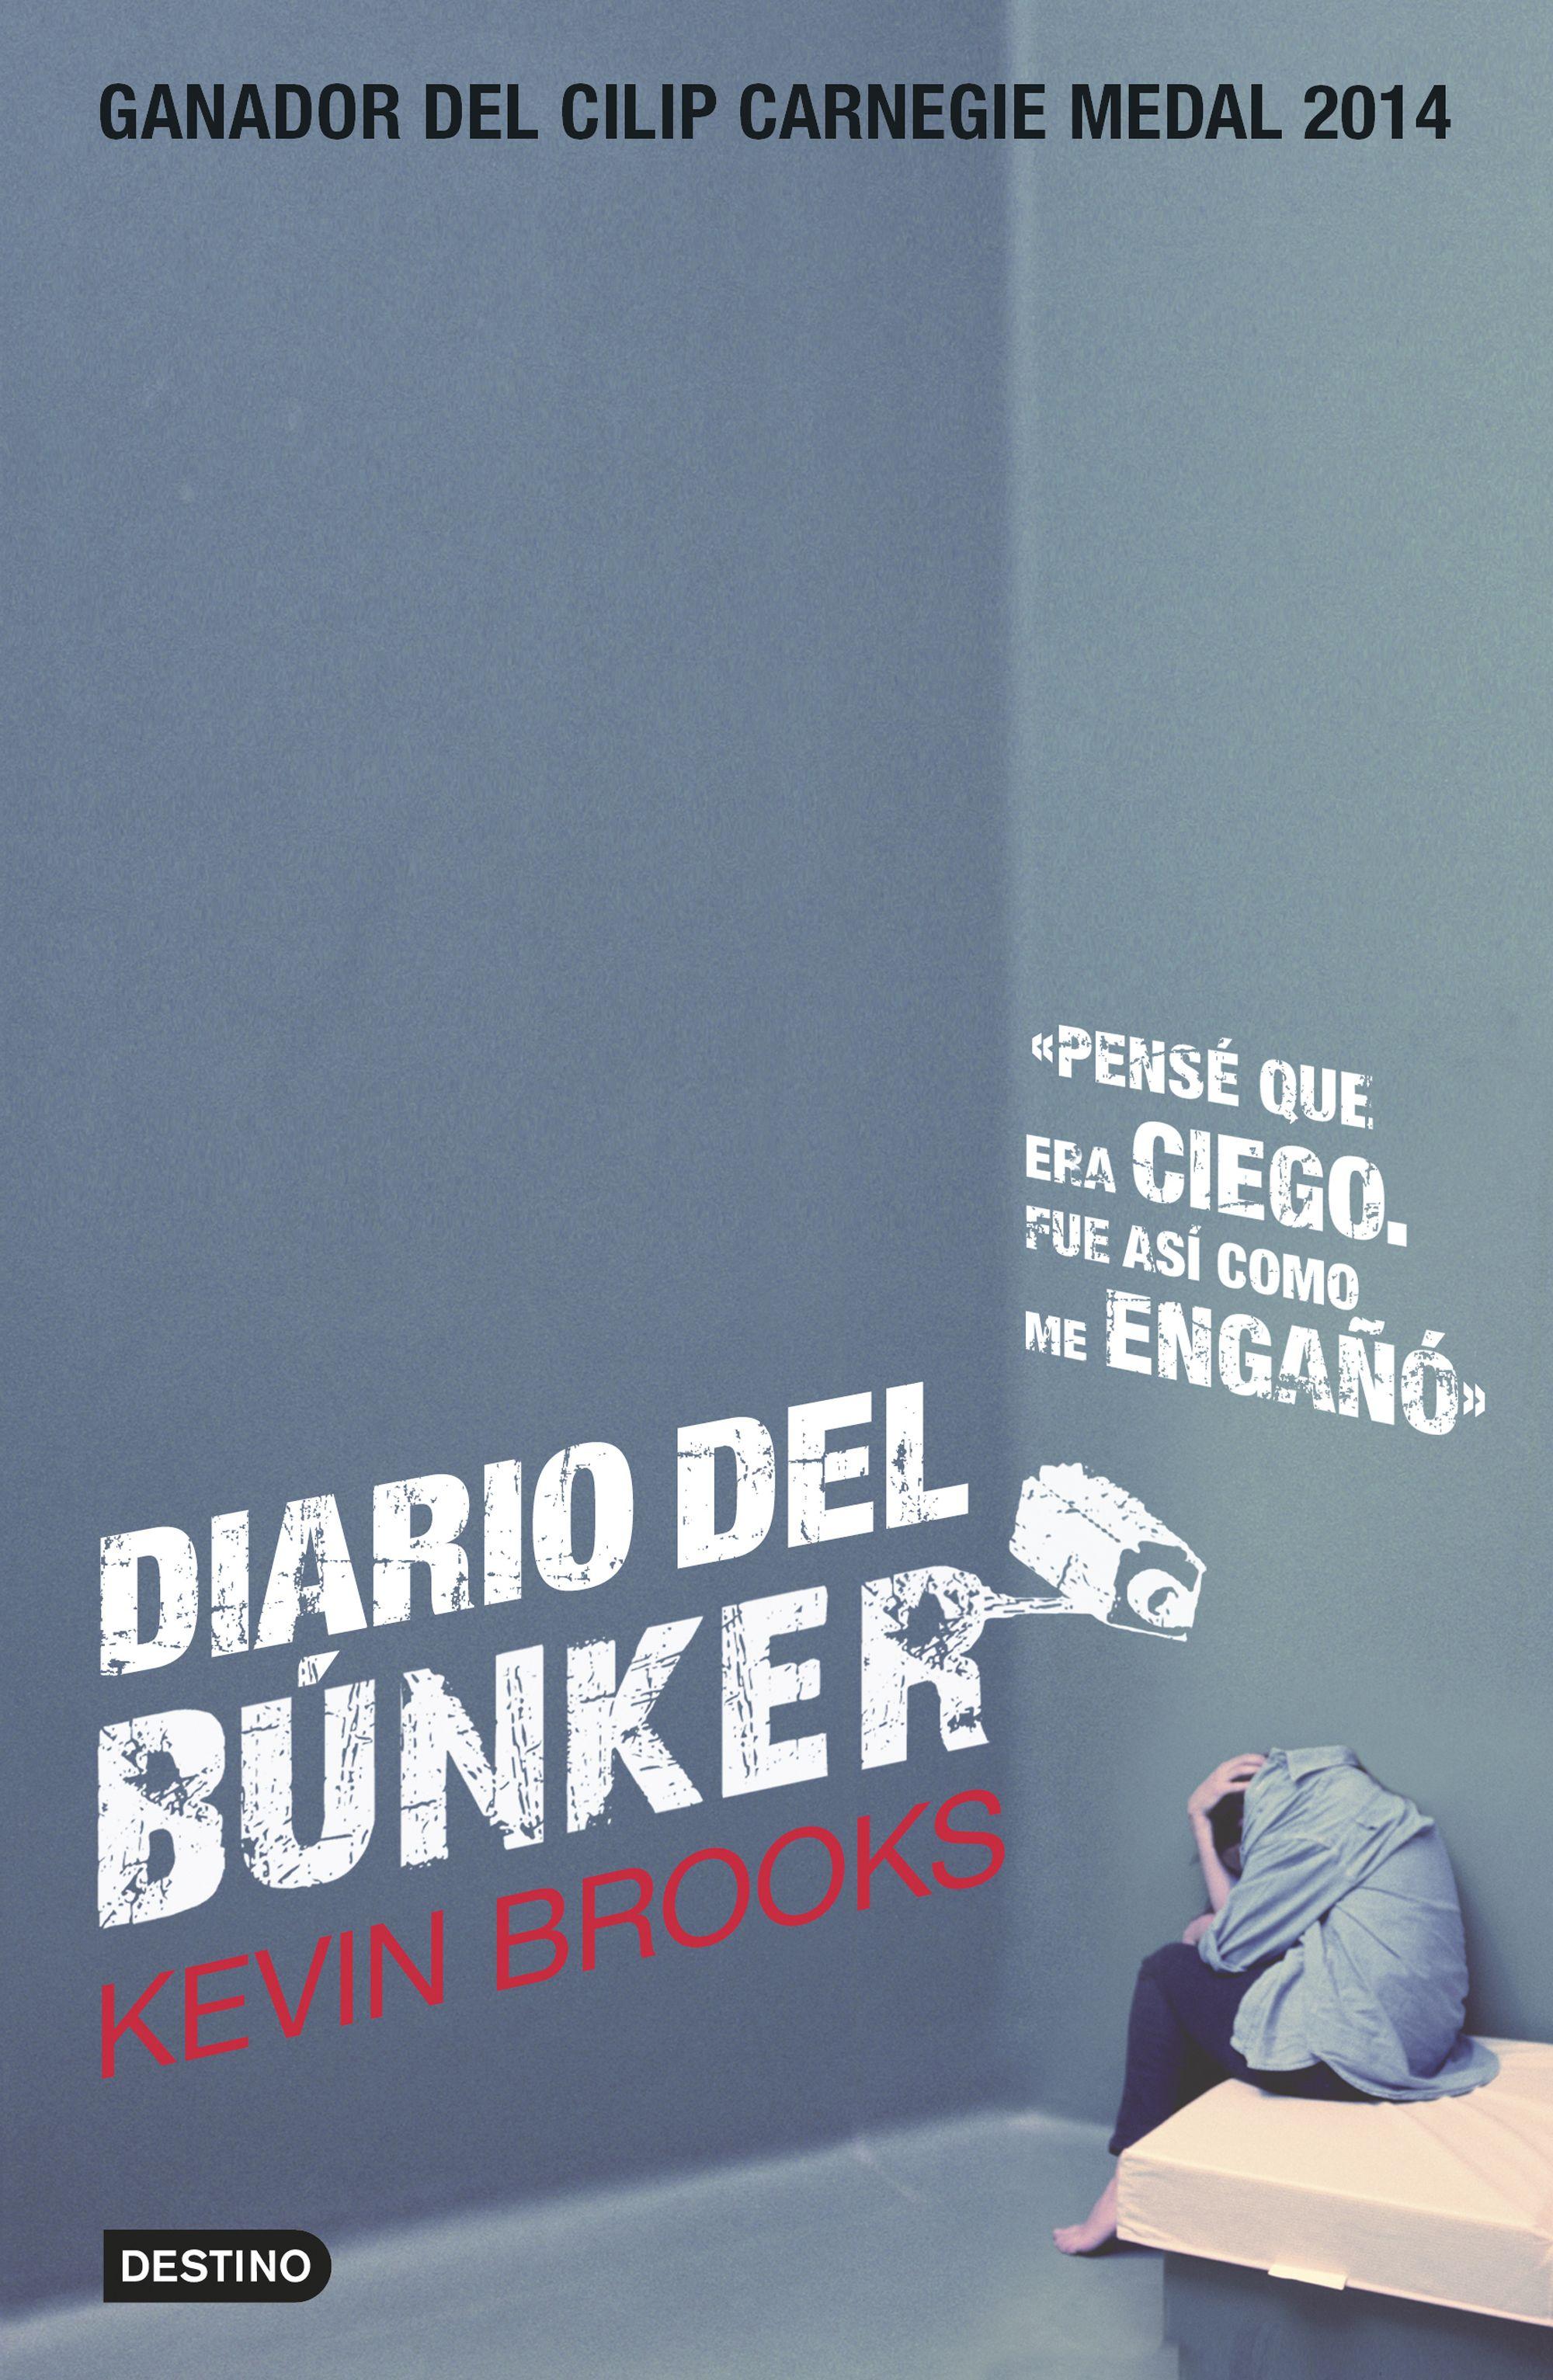 Resultado de imagen de portada el diario del búnker